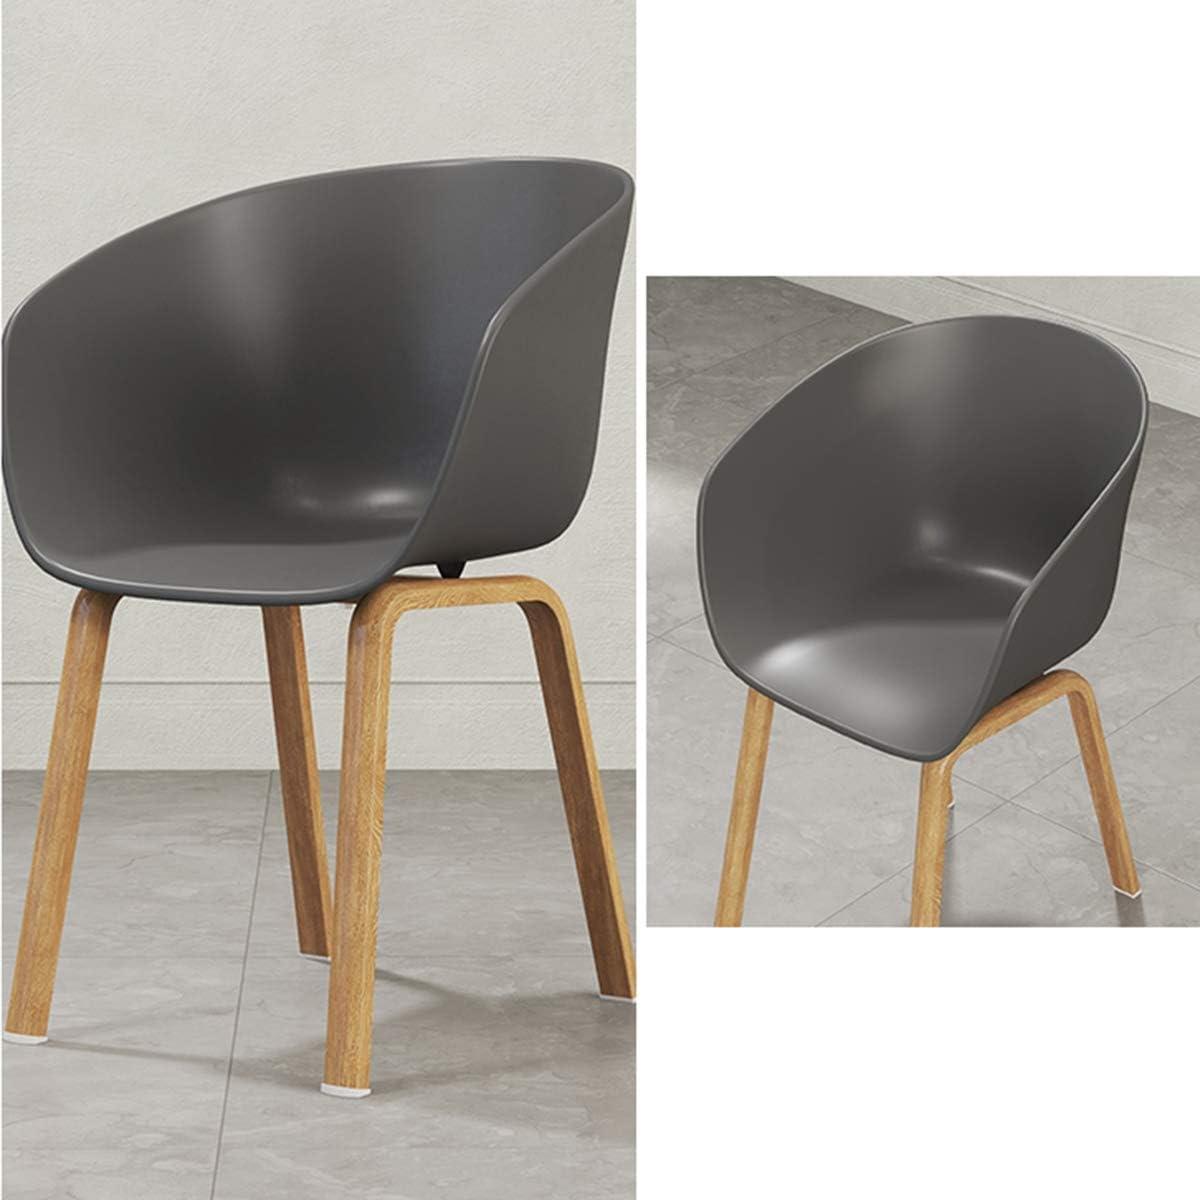 Chaise De Salle à Manger, Loisirs Maison Minimaliste Moderne Parler Mode Adulte Chaise en Plastique Accoudoir Dossier à Manger Chaise Chaise Noire Black White